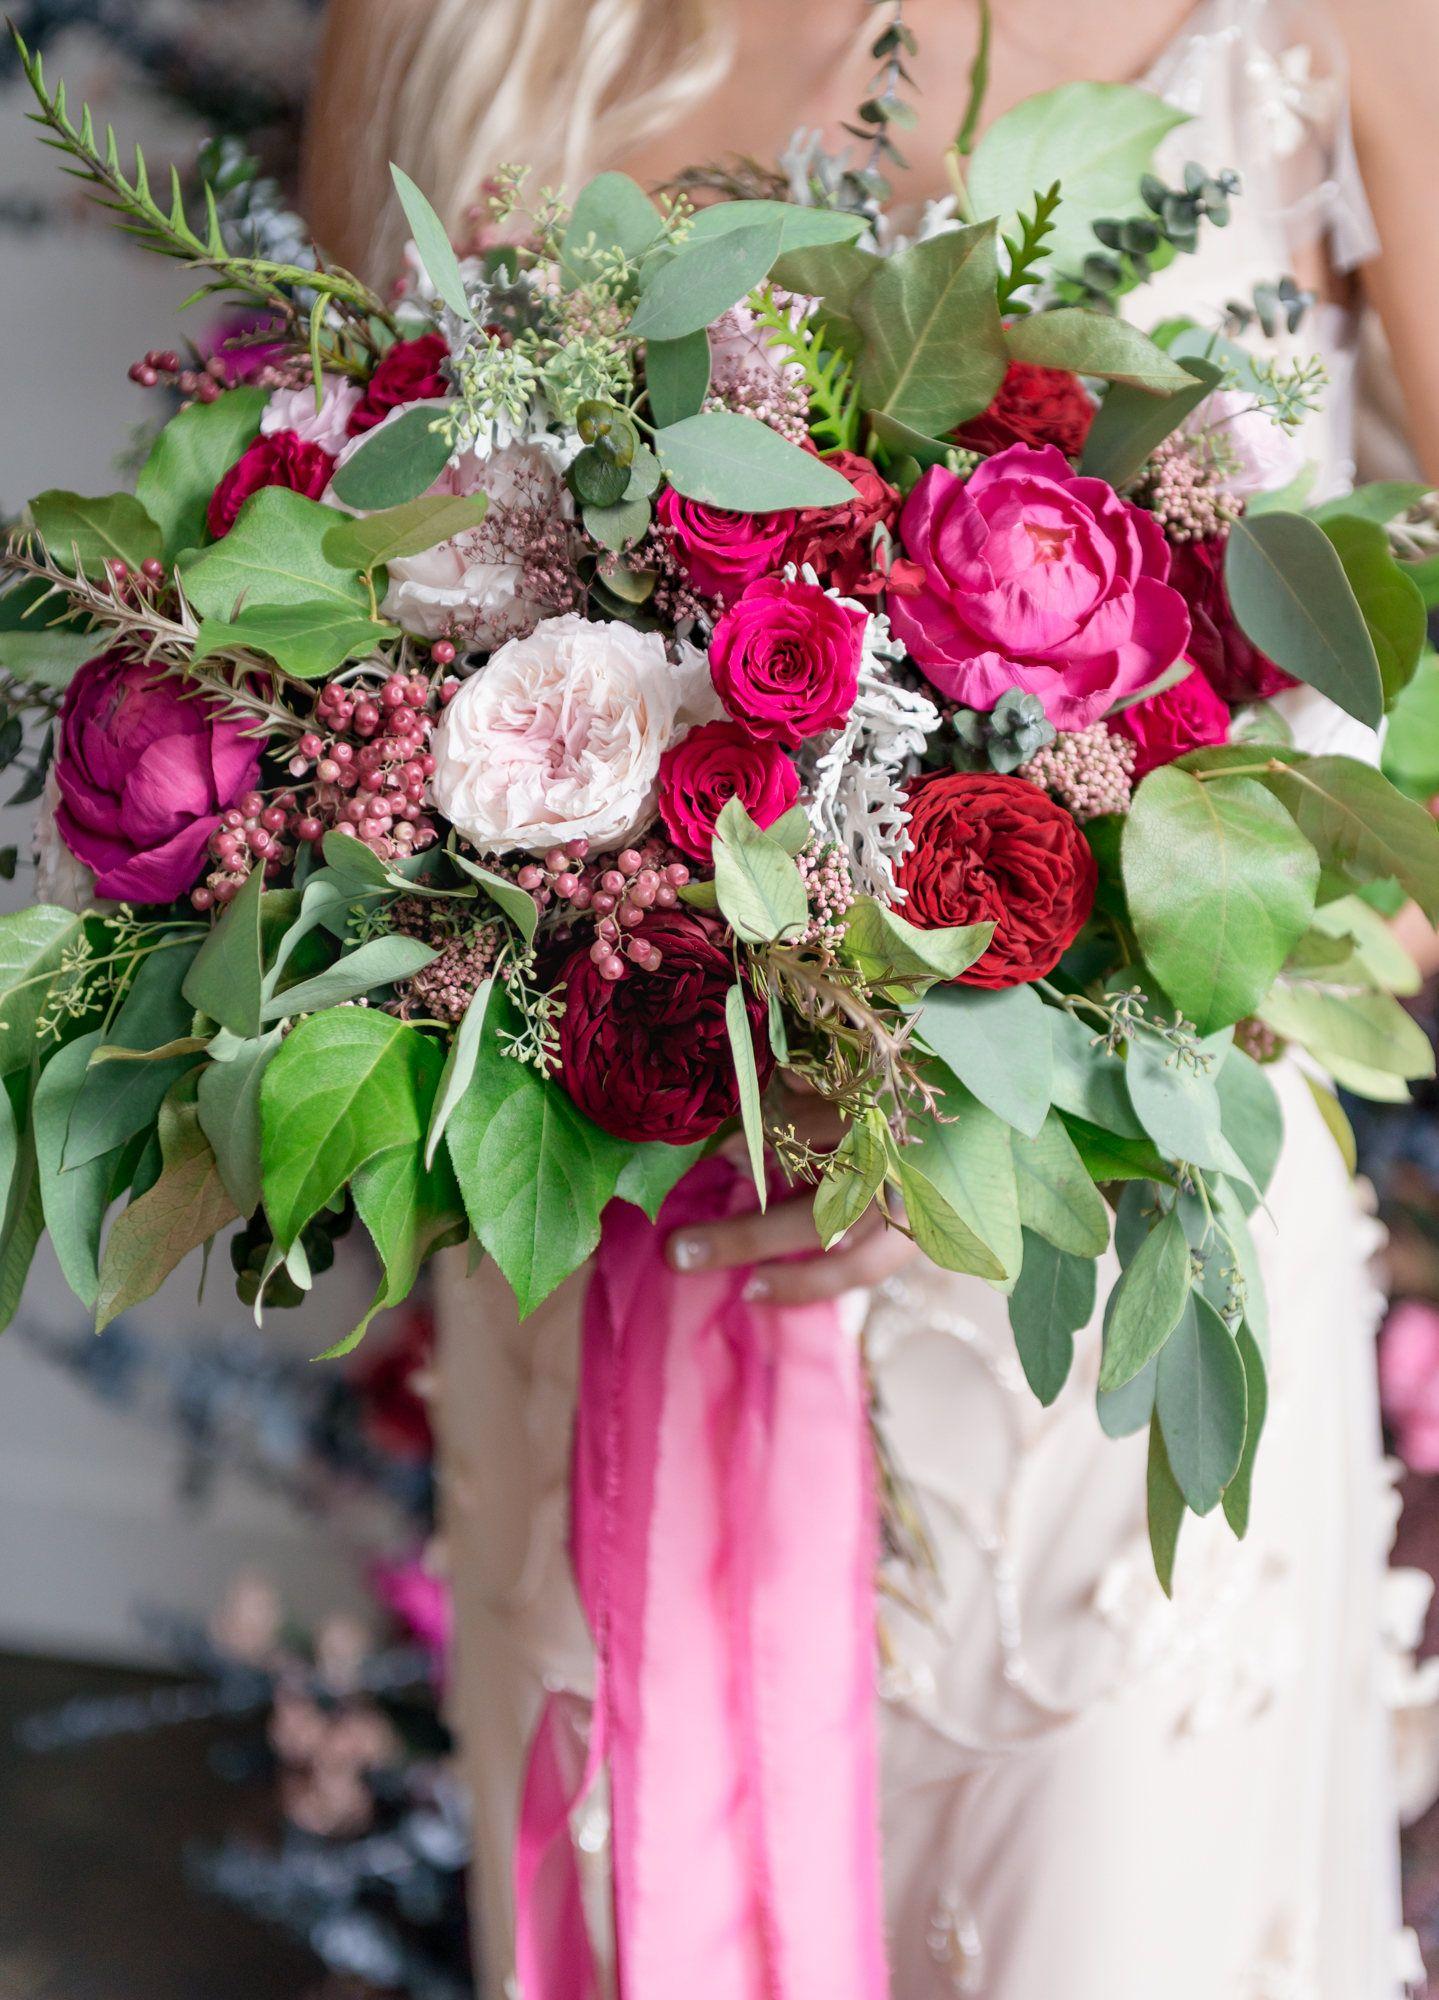 Wedding bouquet bridal bouquet handmade bouquet sola flower wedding bouquet bridal bouquet handmade bouquet sola flower bouquet peonie bouquet izmirmasajfo